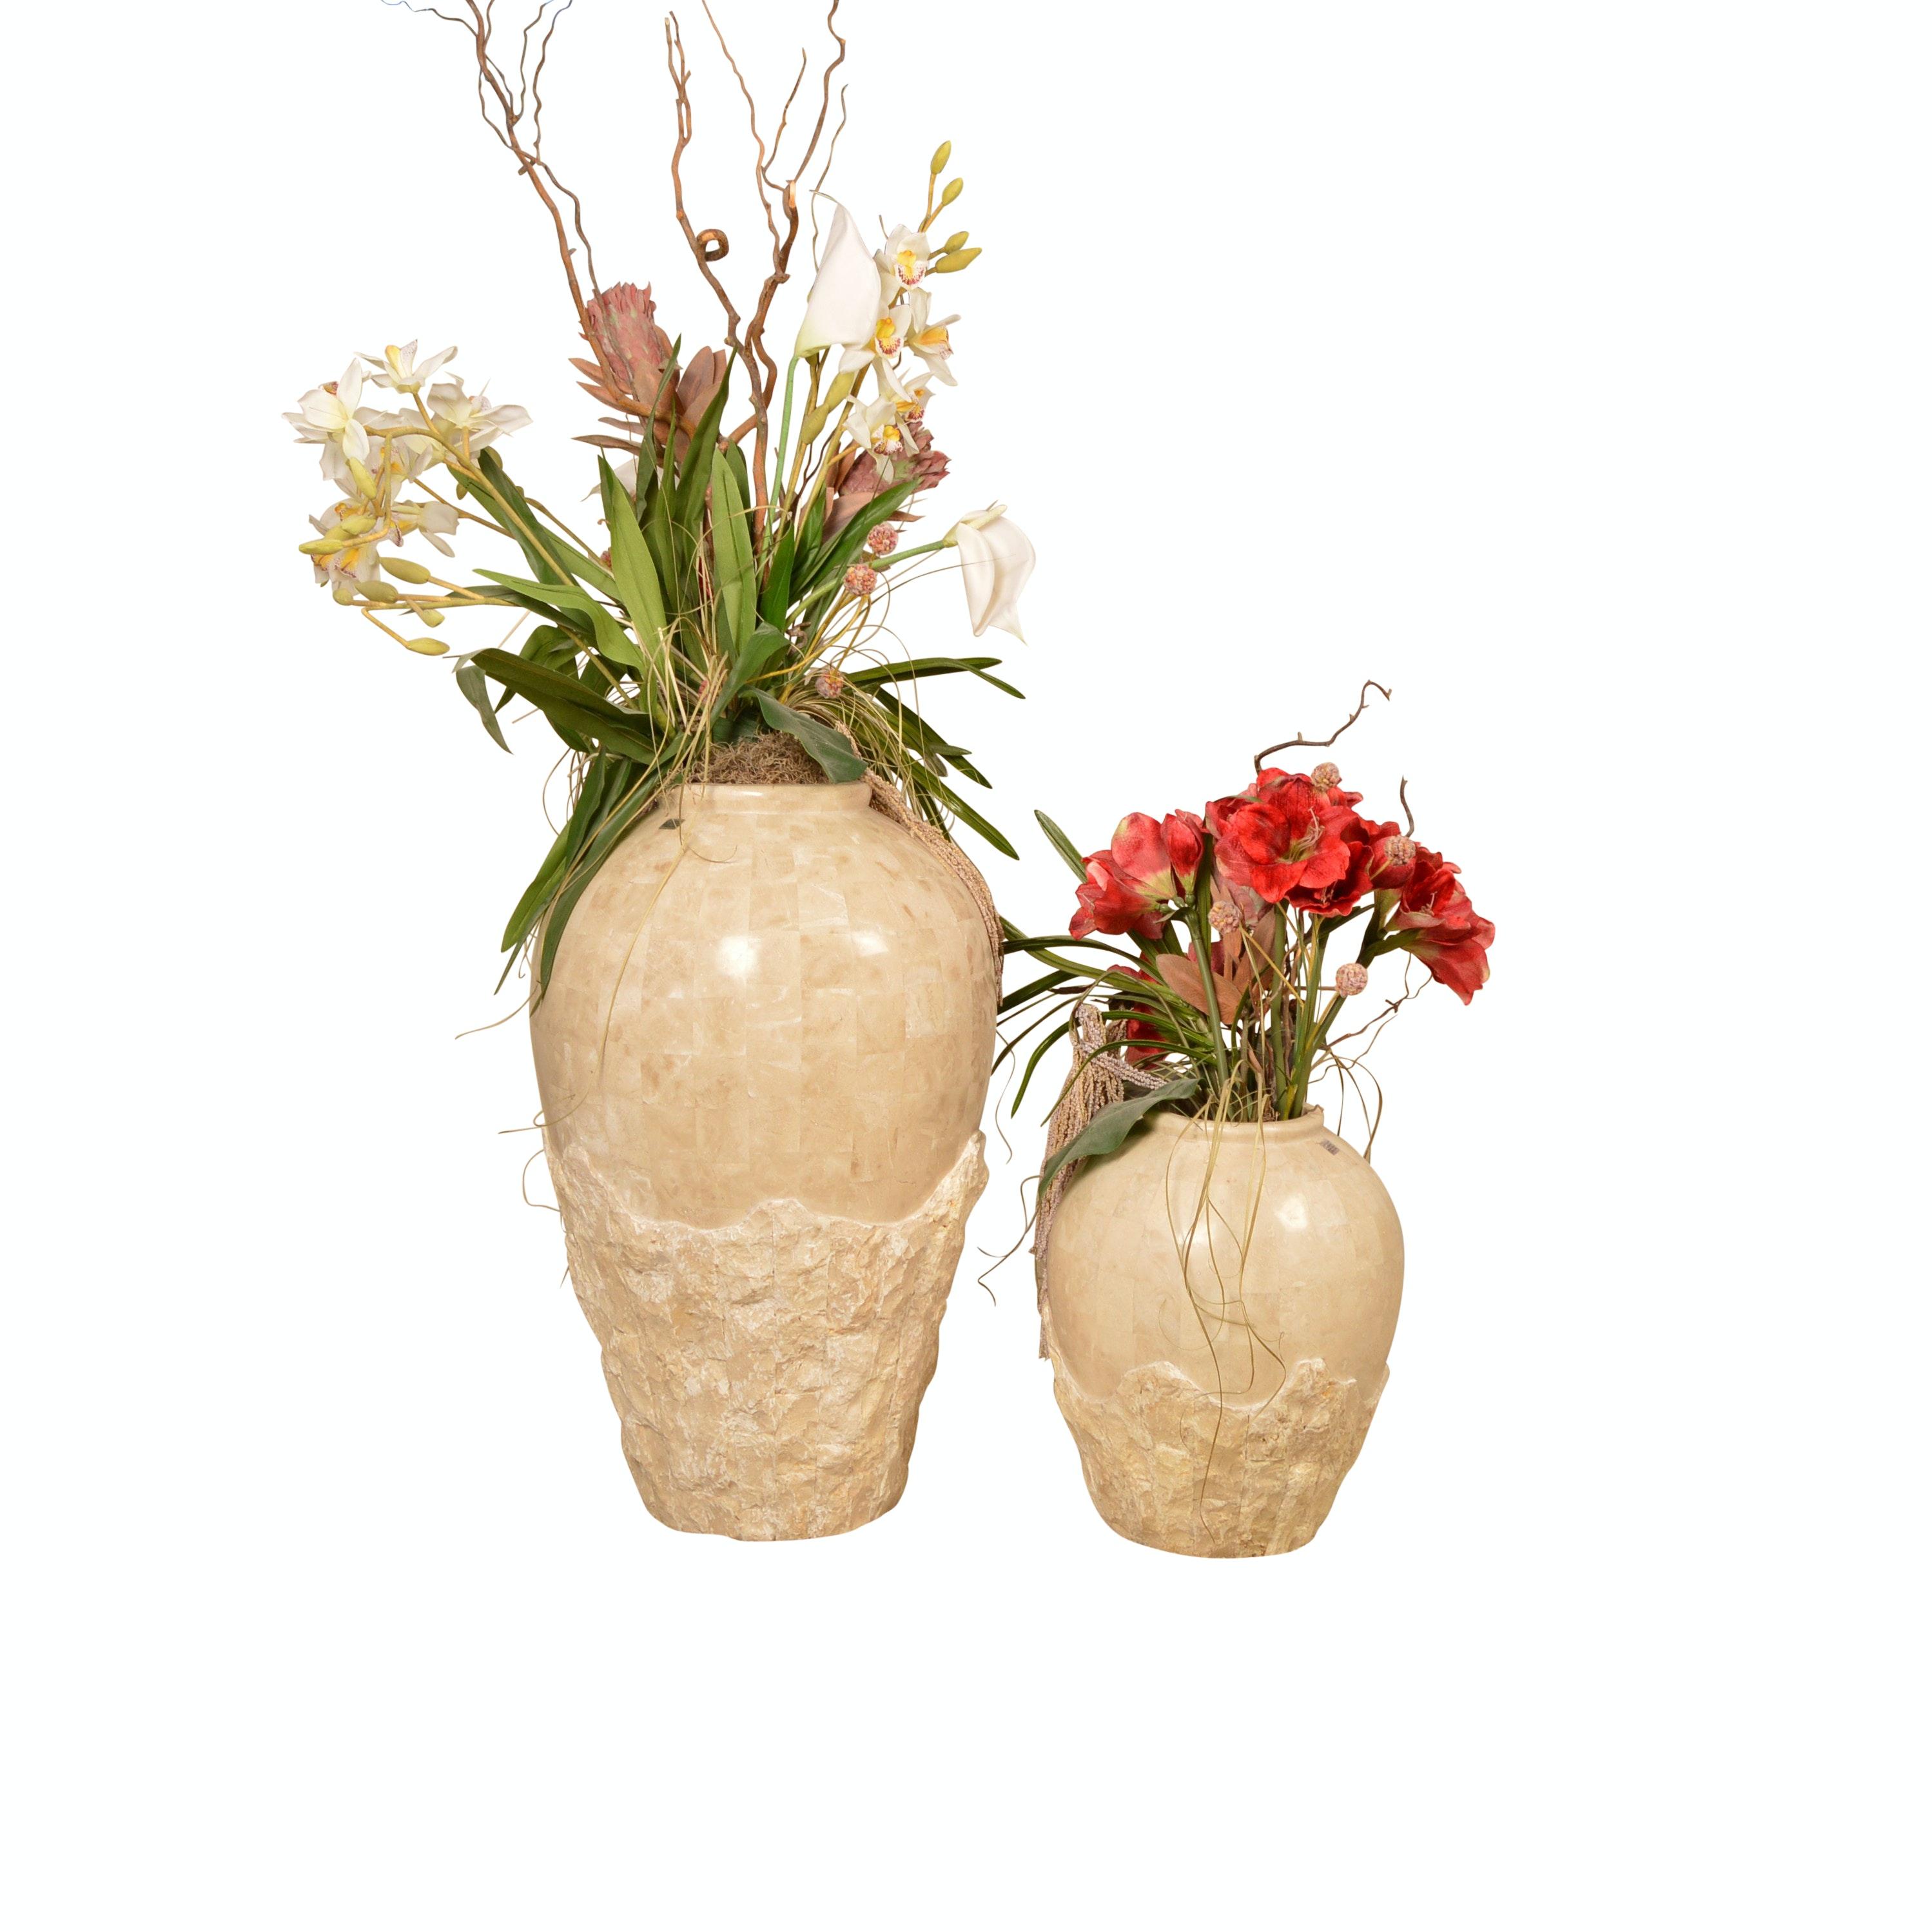 Decorative Ceramic Flower Vases